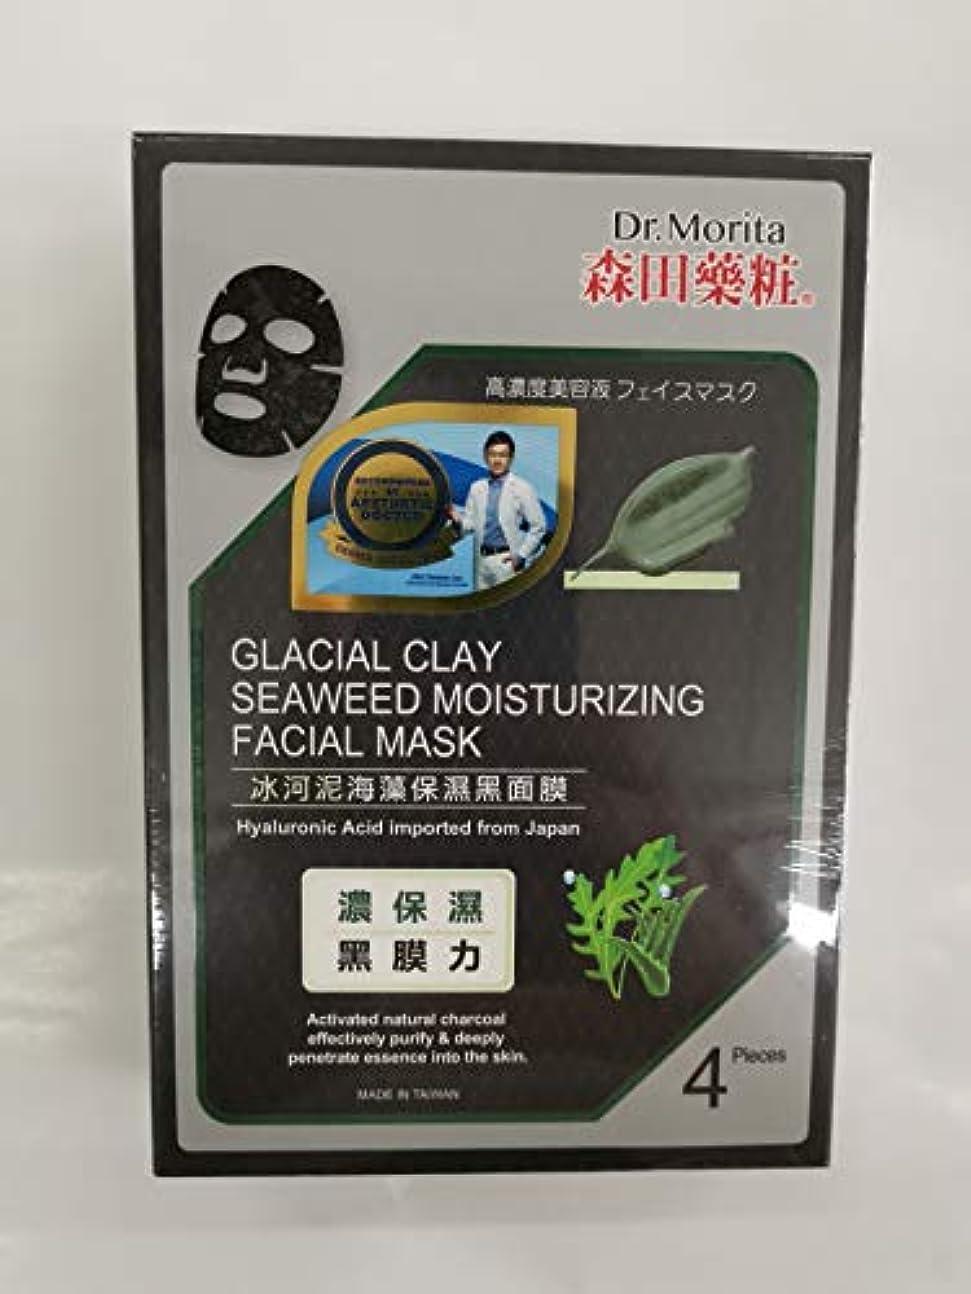 マングル資格どっちDoctor Morita 氷のような粘土の海藻保湿フェイシャルマスク4 - 肌に深く入り、効果的に浄化し、肌に潤いを与え、弾力を保ちます